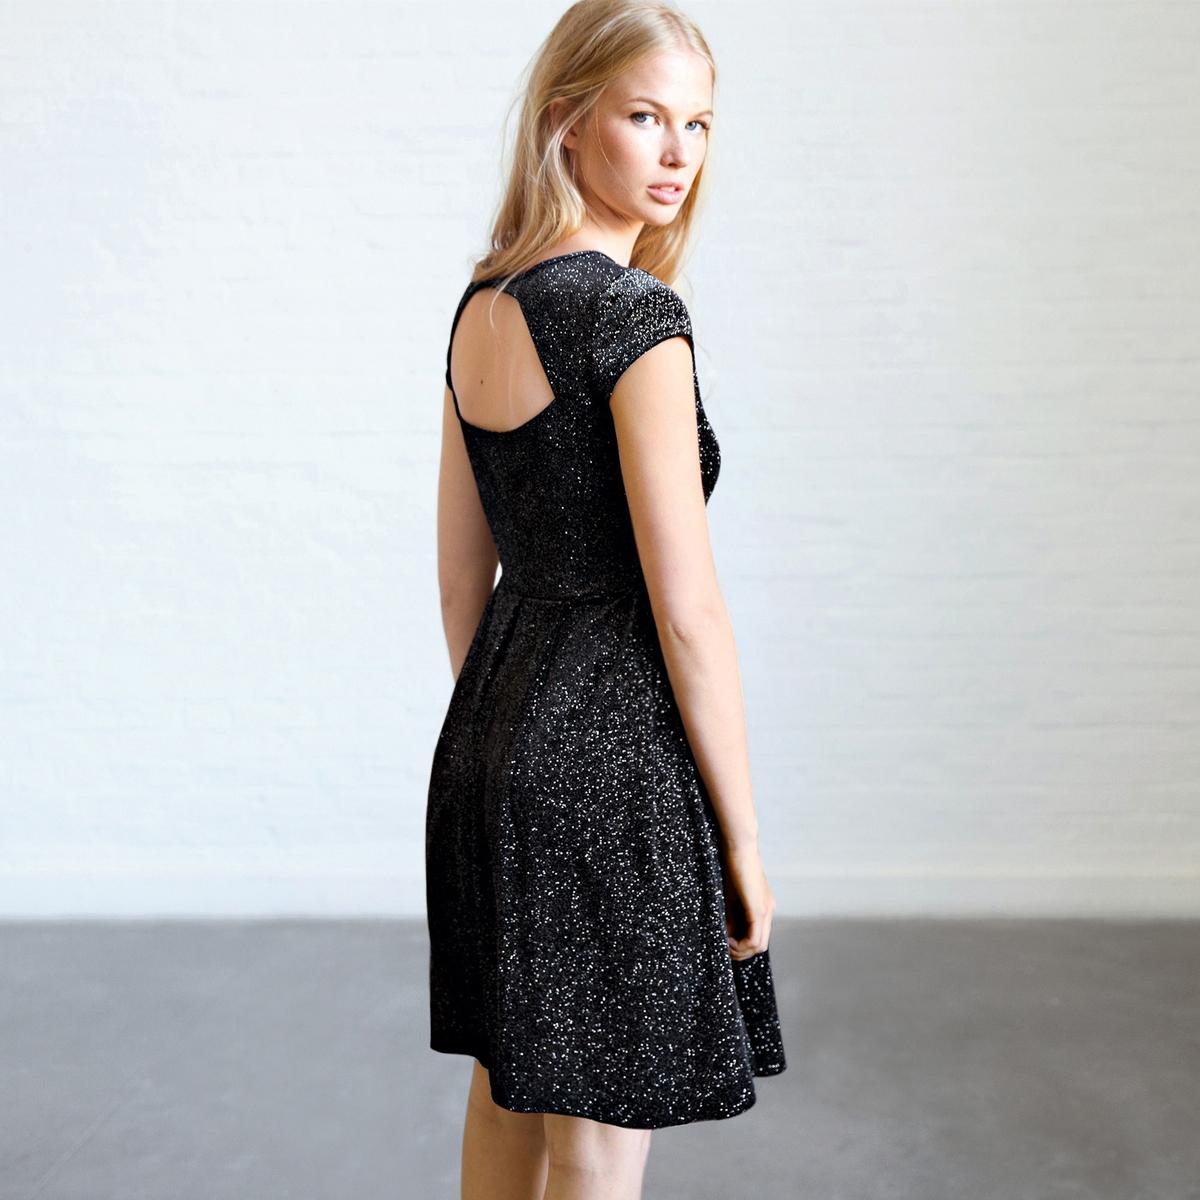 Платье трикотажное с короткими рукавамиПлатье трикотажное, 100% полиэстера. Эффект расшитой блестками ткани. Короткие рукава. Декольте причудливой формы на спинке. Встречные складки на юбке спереди и сзади. Длина 92 см.<br><br>Цвет: черный<br>Размер: 40 (FR) - 46 (RUS).34 (FR) - 40 (RUS).36 (FR) - 42 (RUS)